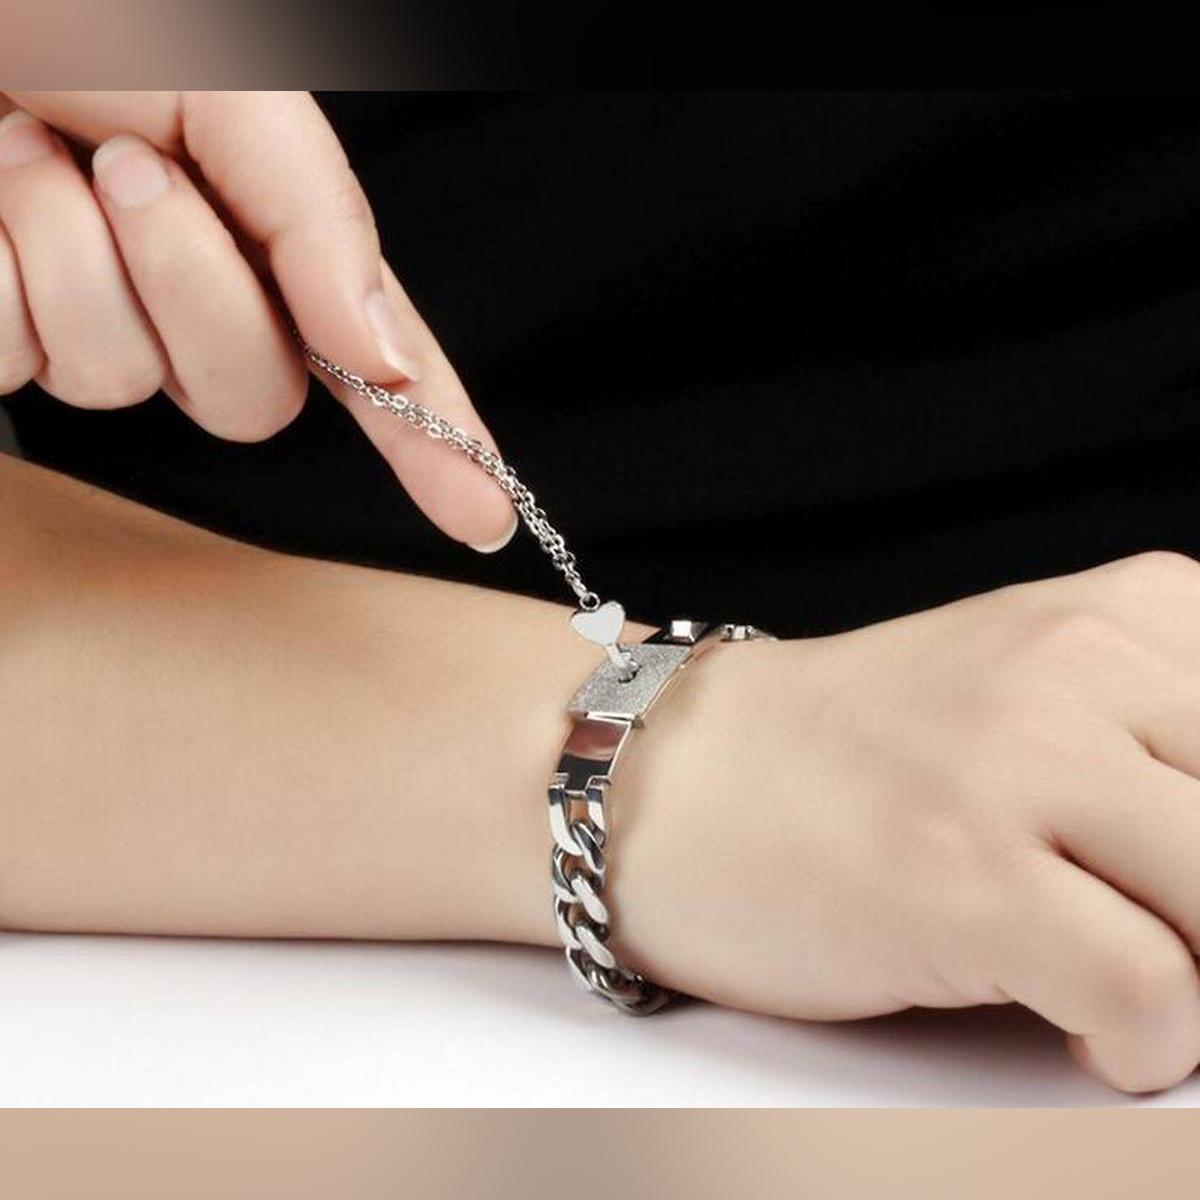 Lover's Key pendant +Stainless Steel Women Men couple Bangle Gift For Lovers Romantic Lock Link Chain Bracelets GTZ001